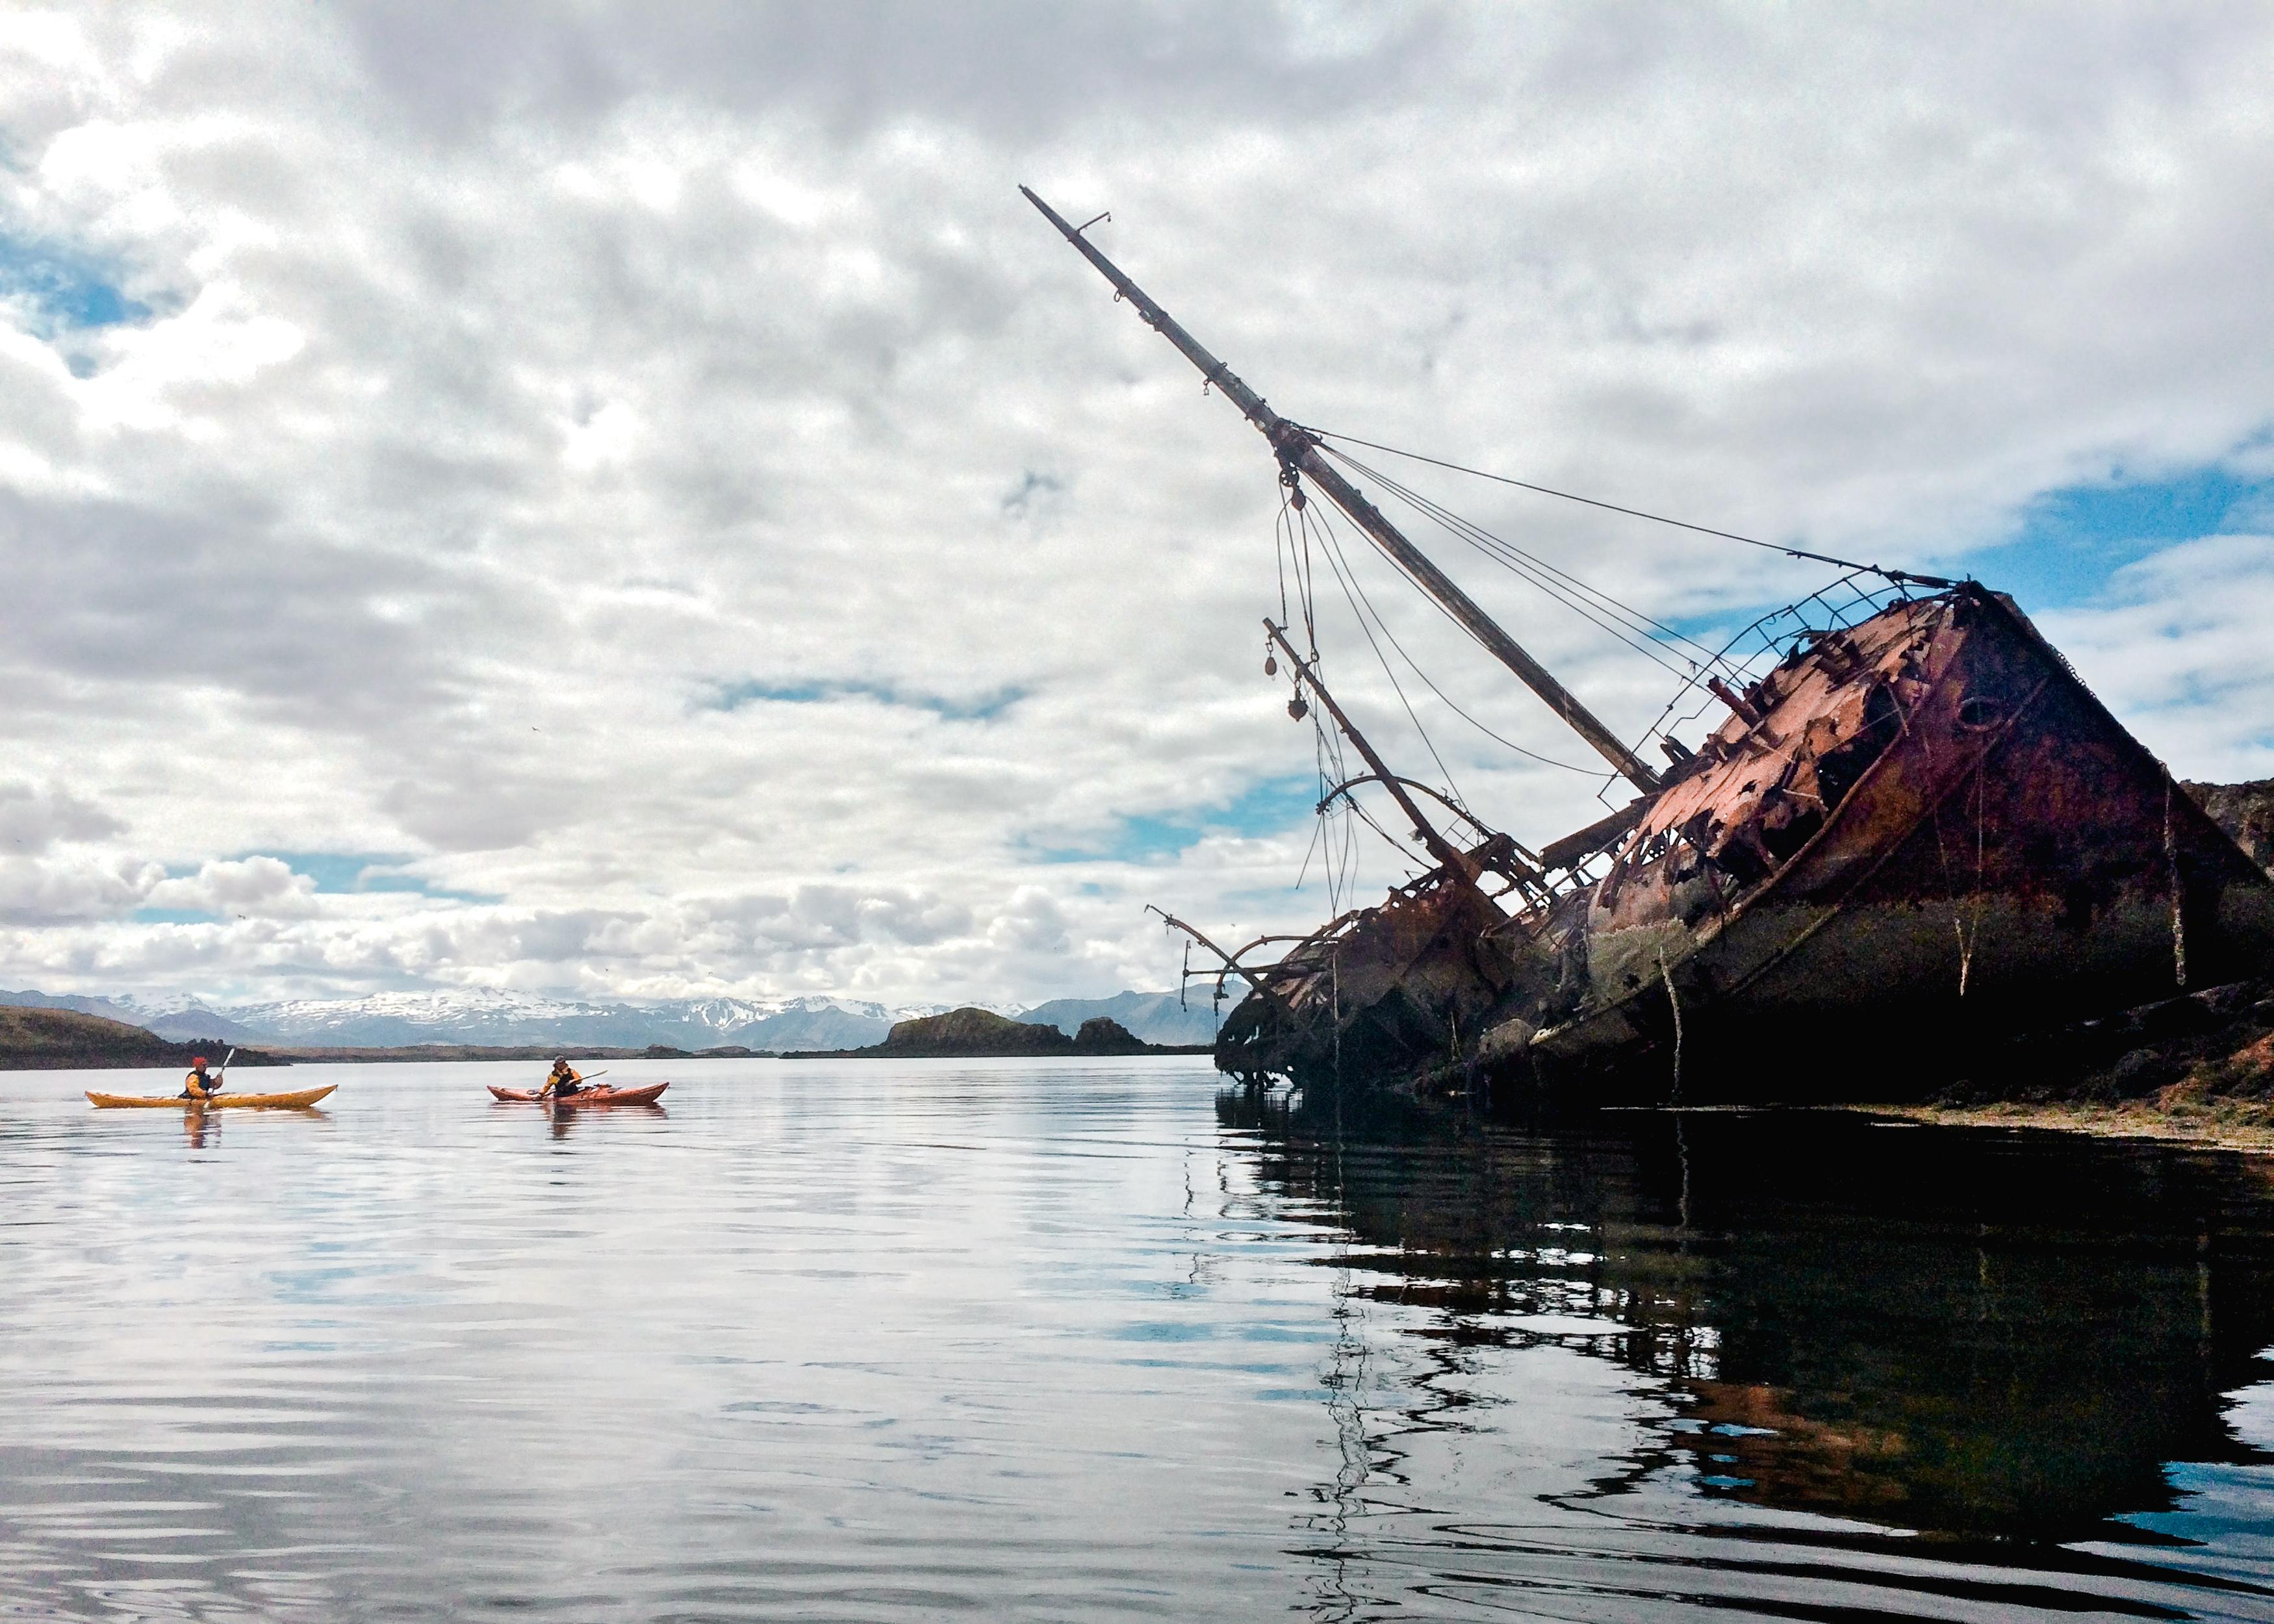 ブレイザフィヨルズル湾の島に残る壊れたトロール船